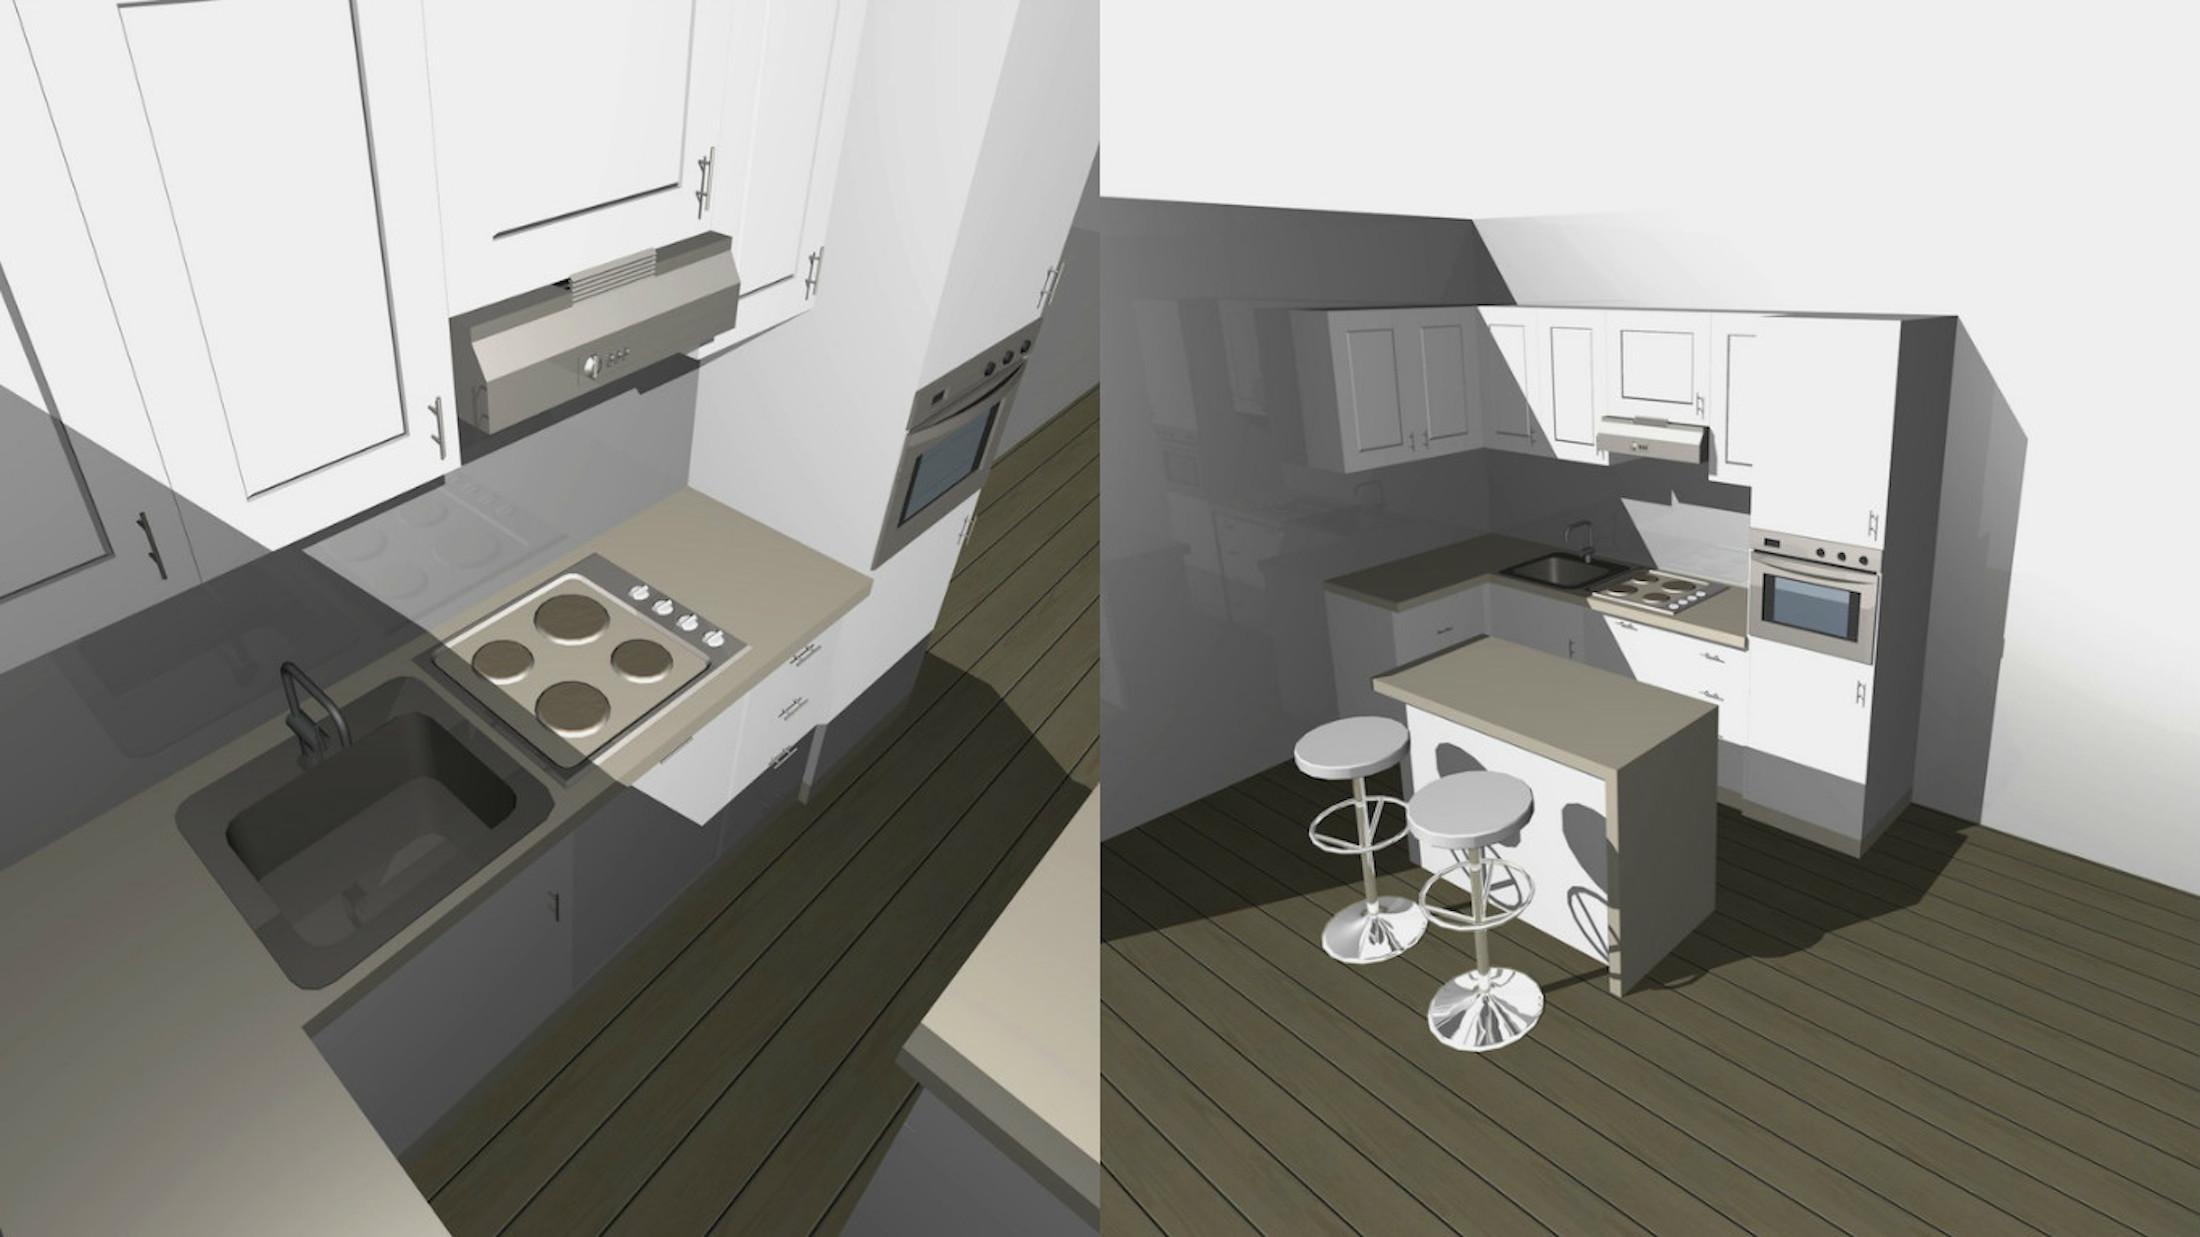 Milaneschi progettazione mobili su misura a arezzo for Disegna la tua casa